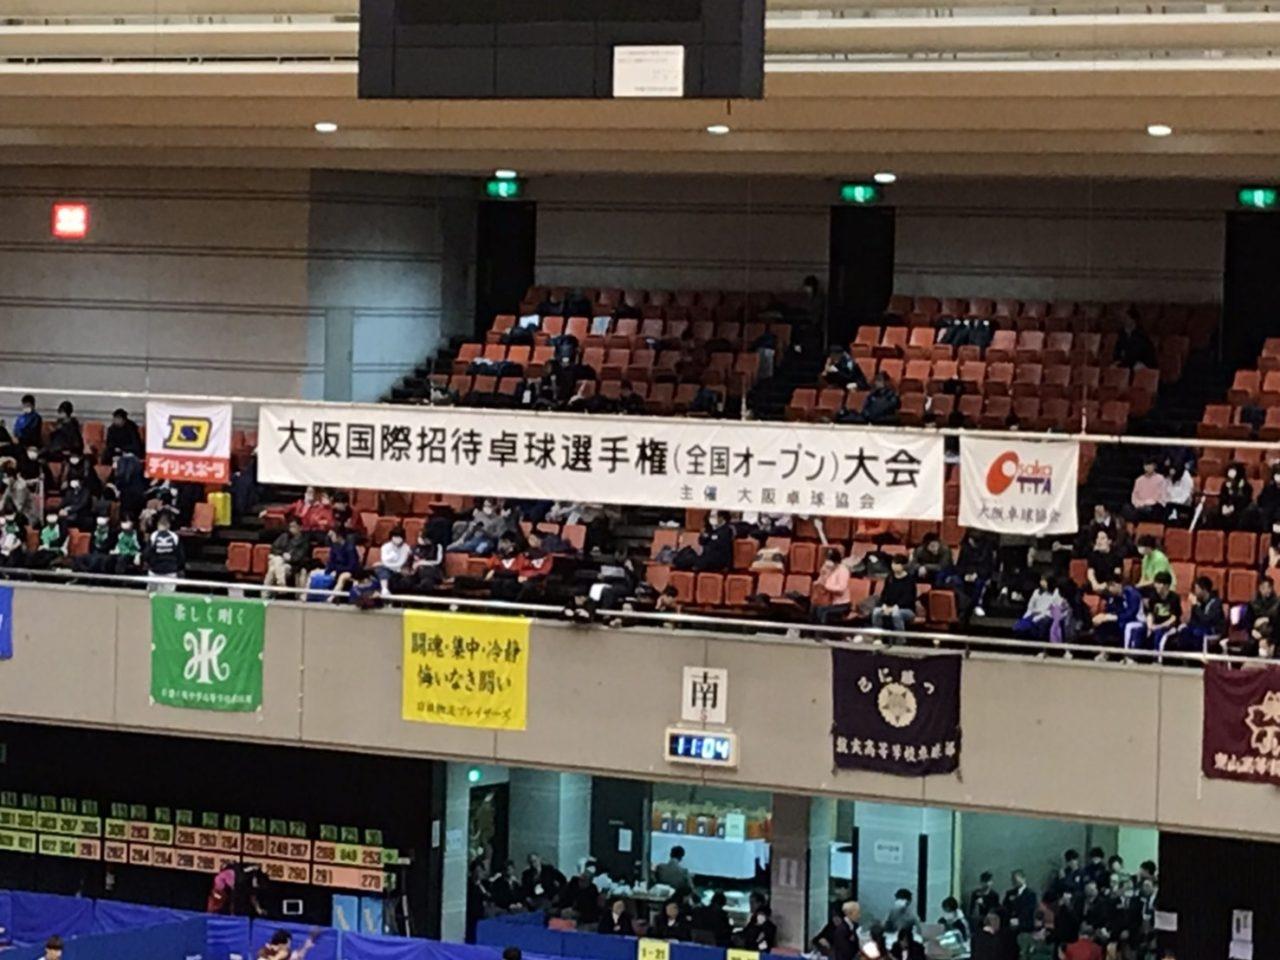 卓球 大阪オープン